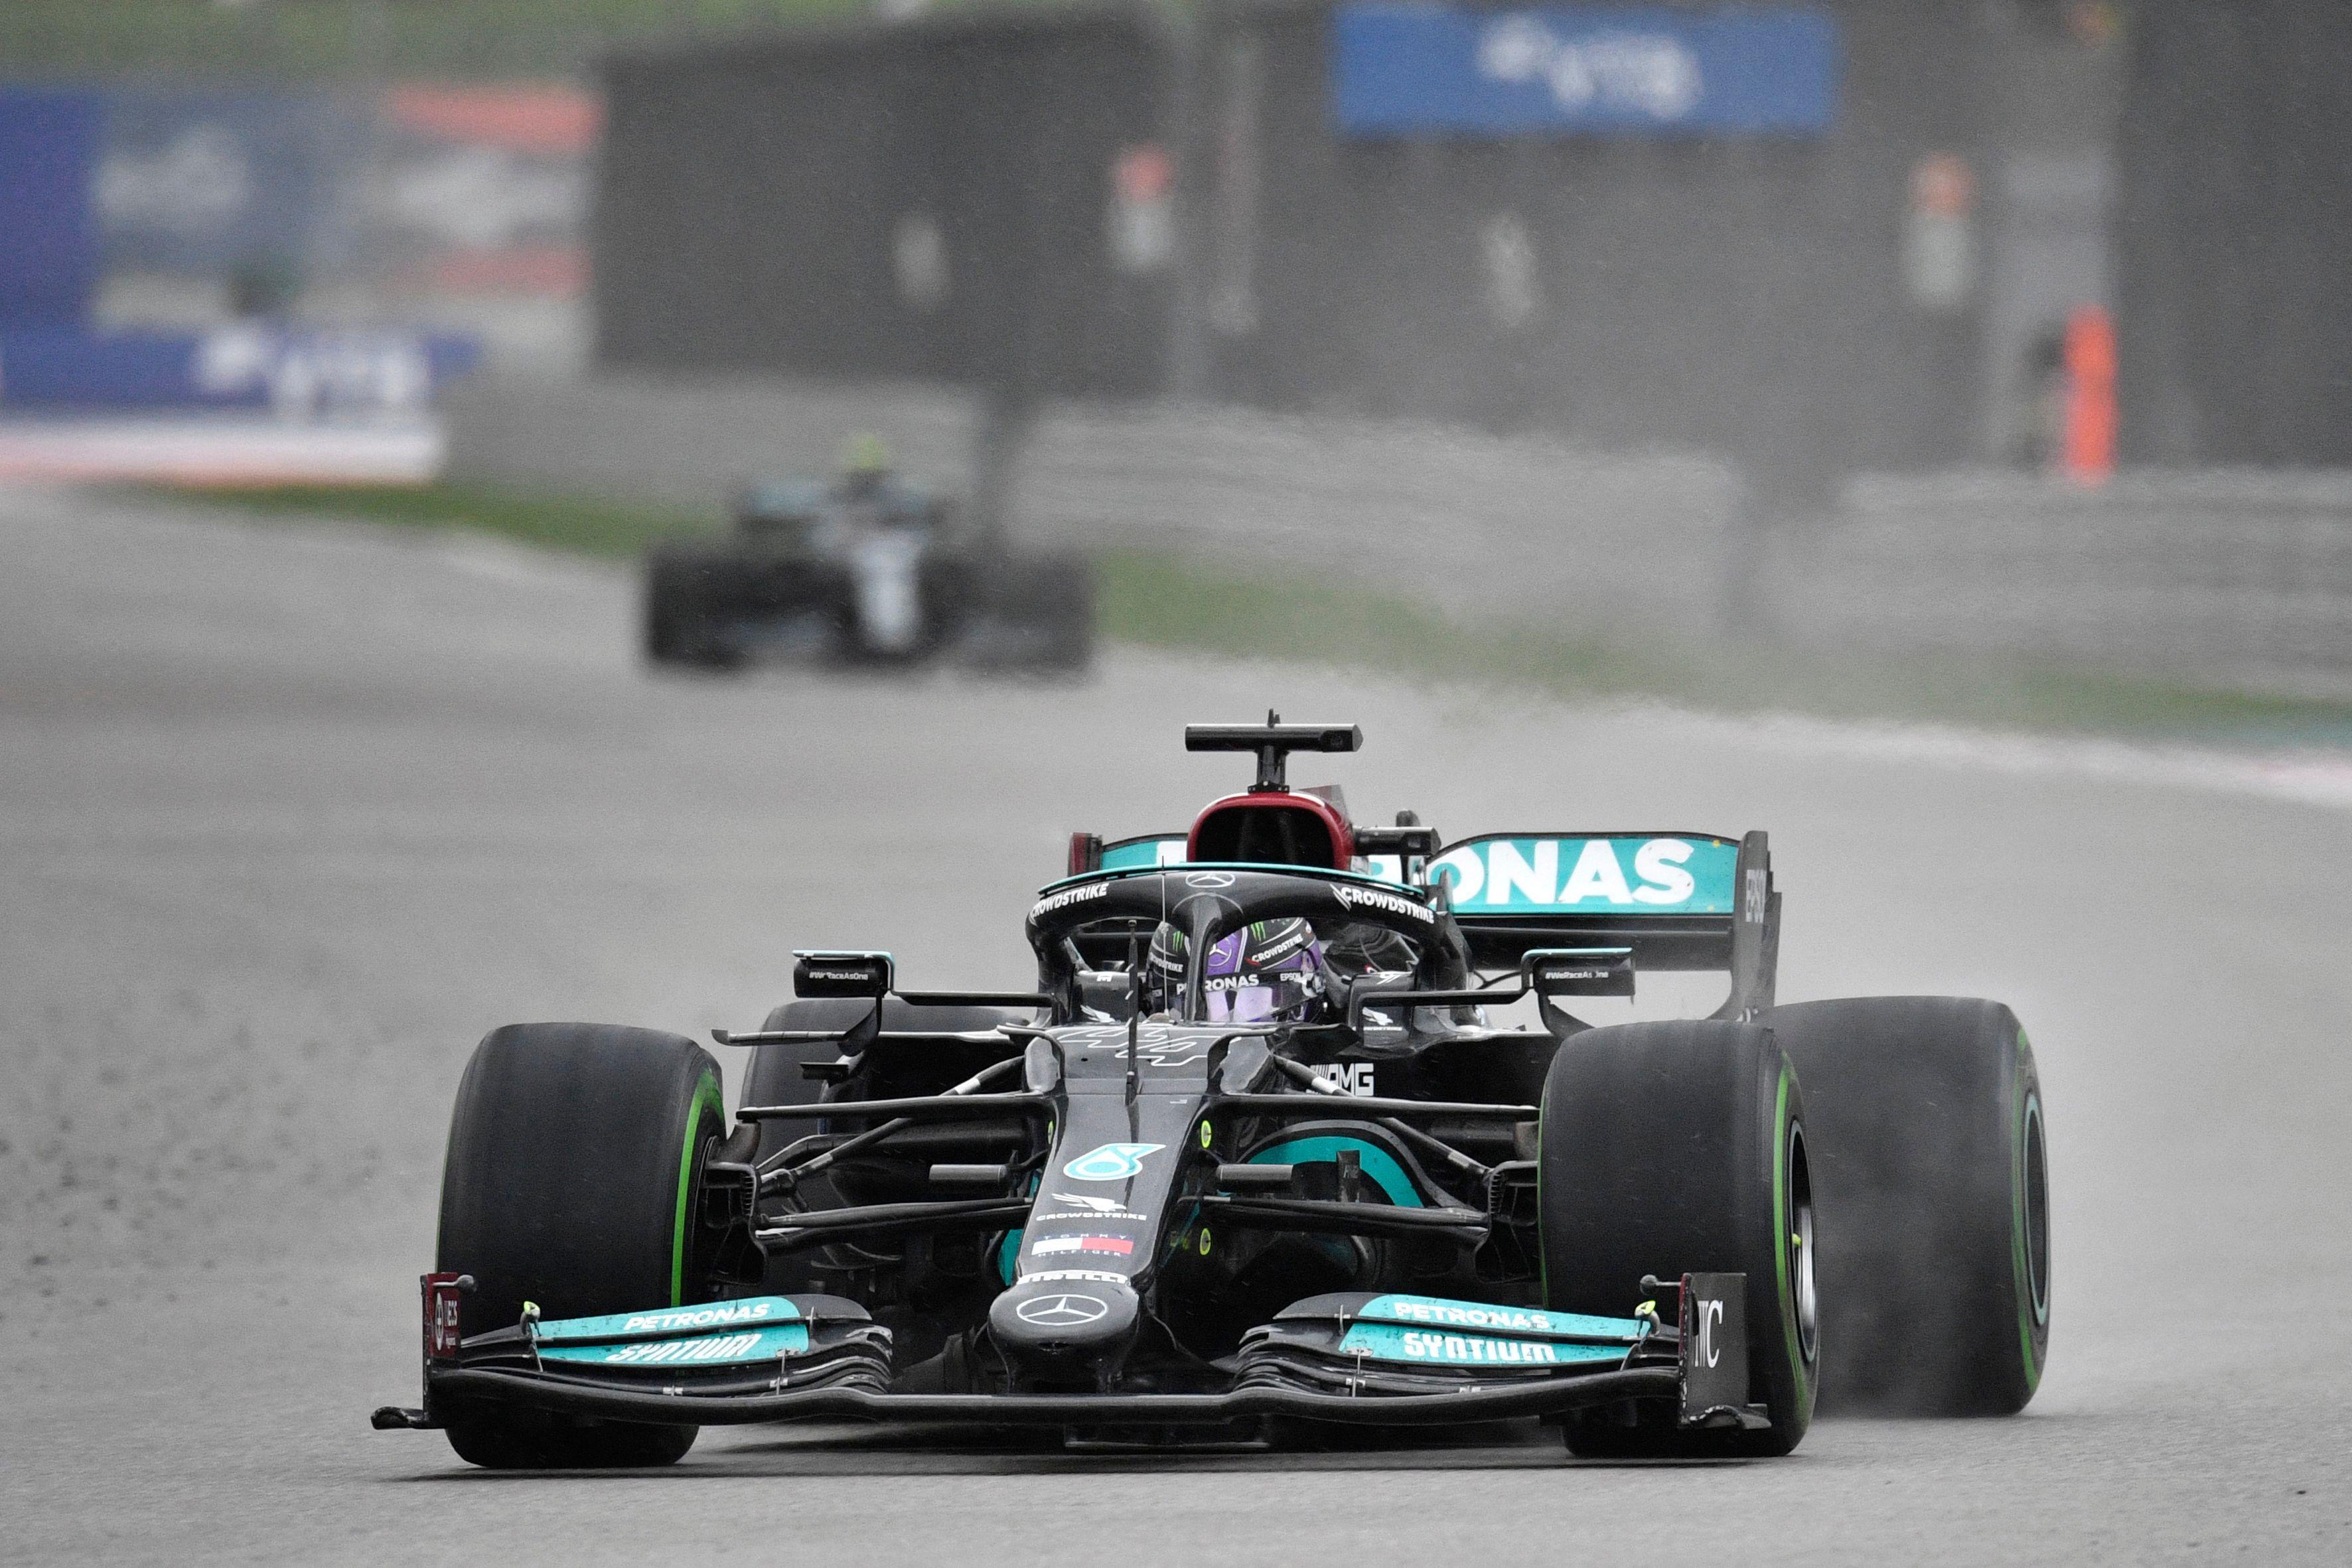 Lewis Hamilton holte sich seinen hundertsten Formel-1-Sieg.